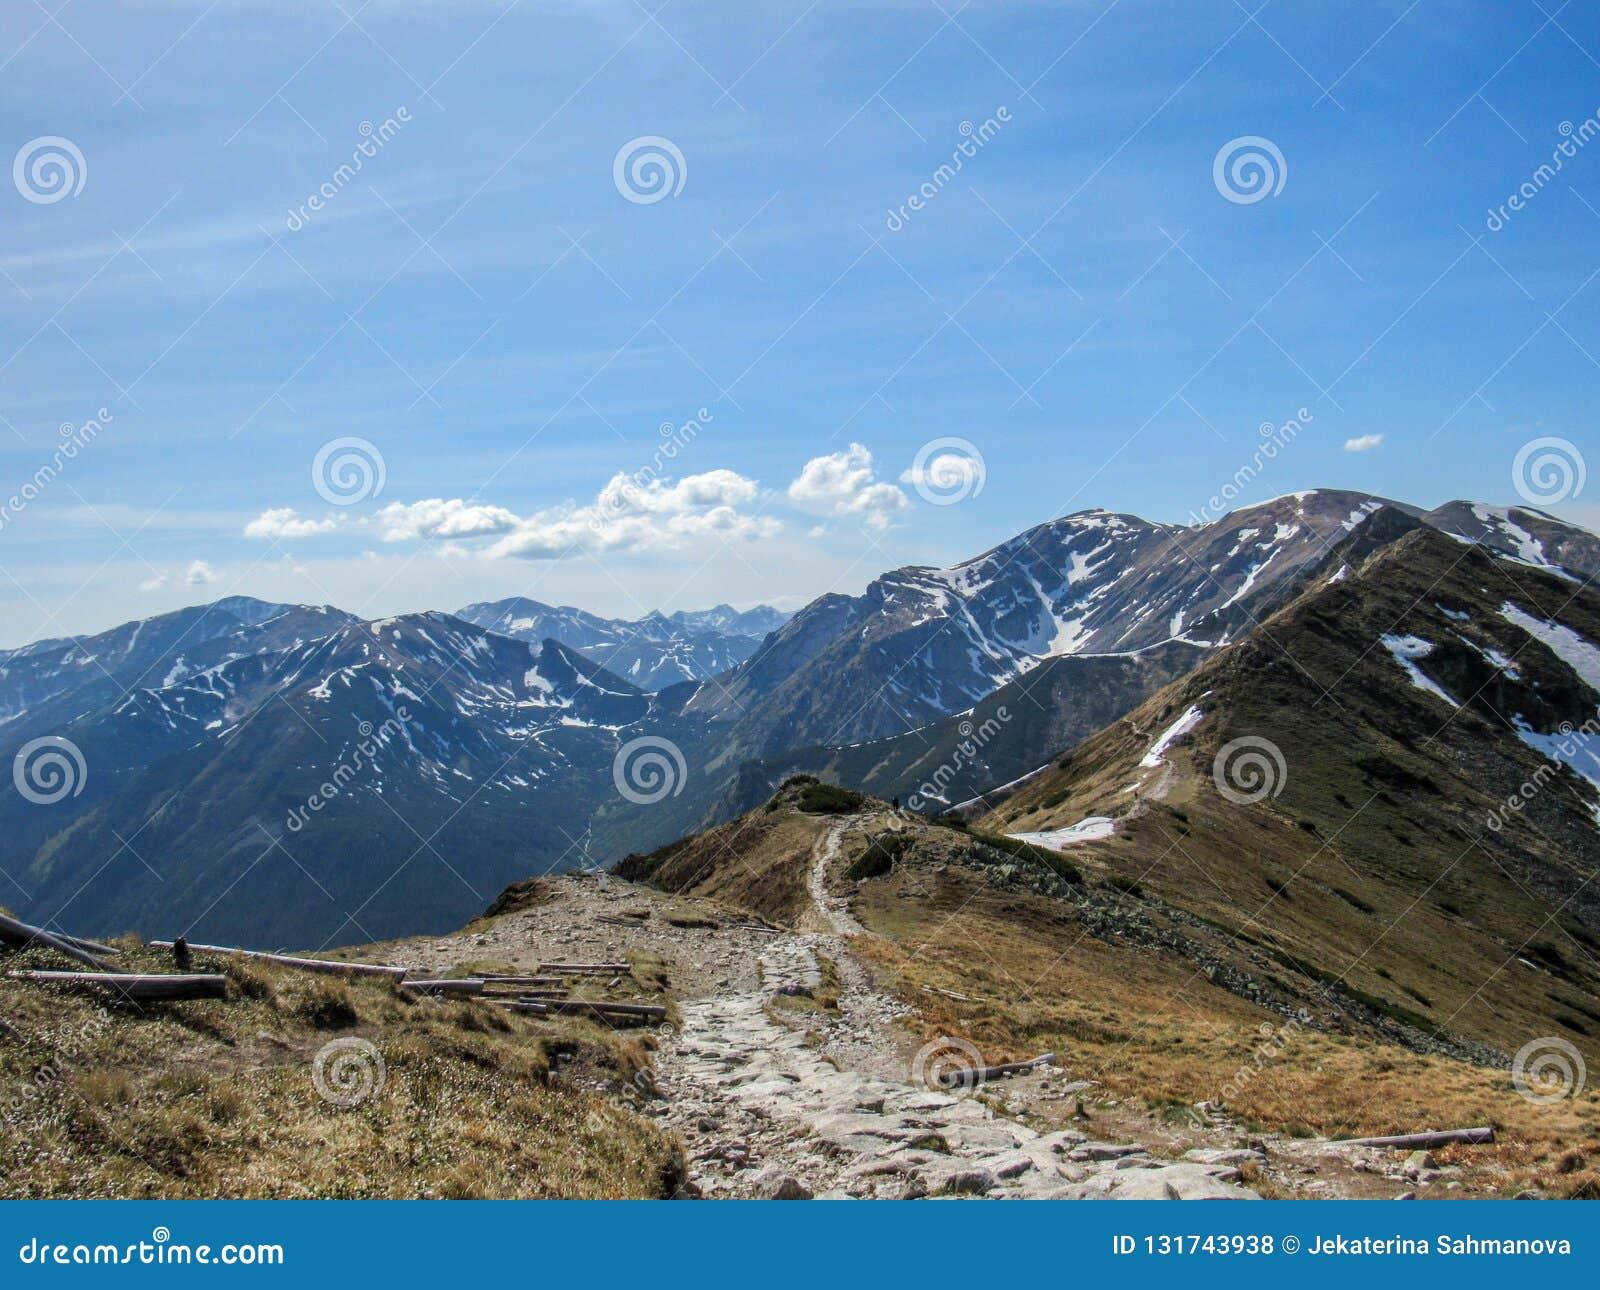 Betäubungslandschaft von Tatra-Bergen, Teil der Karpatengebirgskette in Osteuropa, zwischen Slowakei und Polen